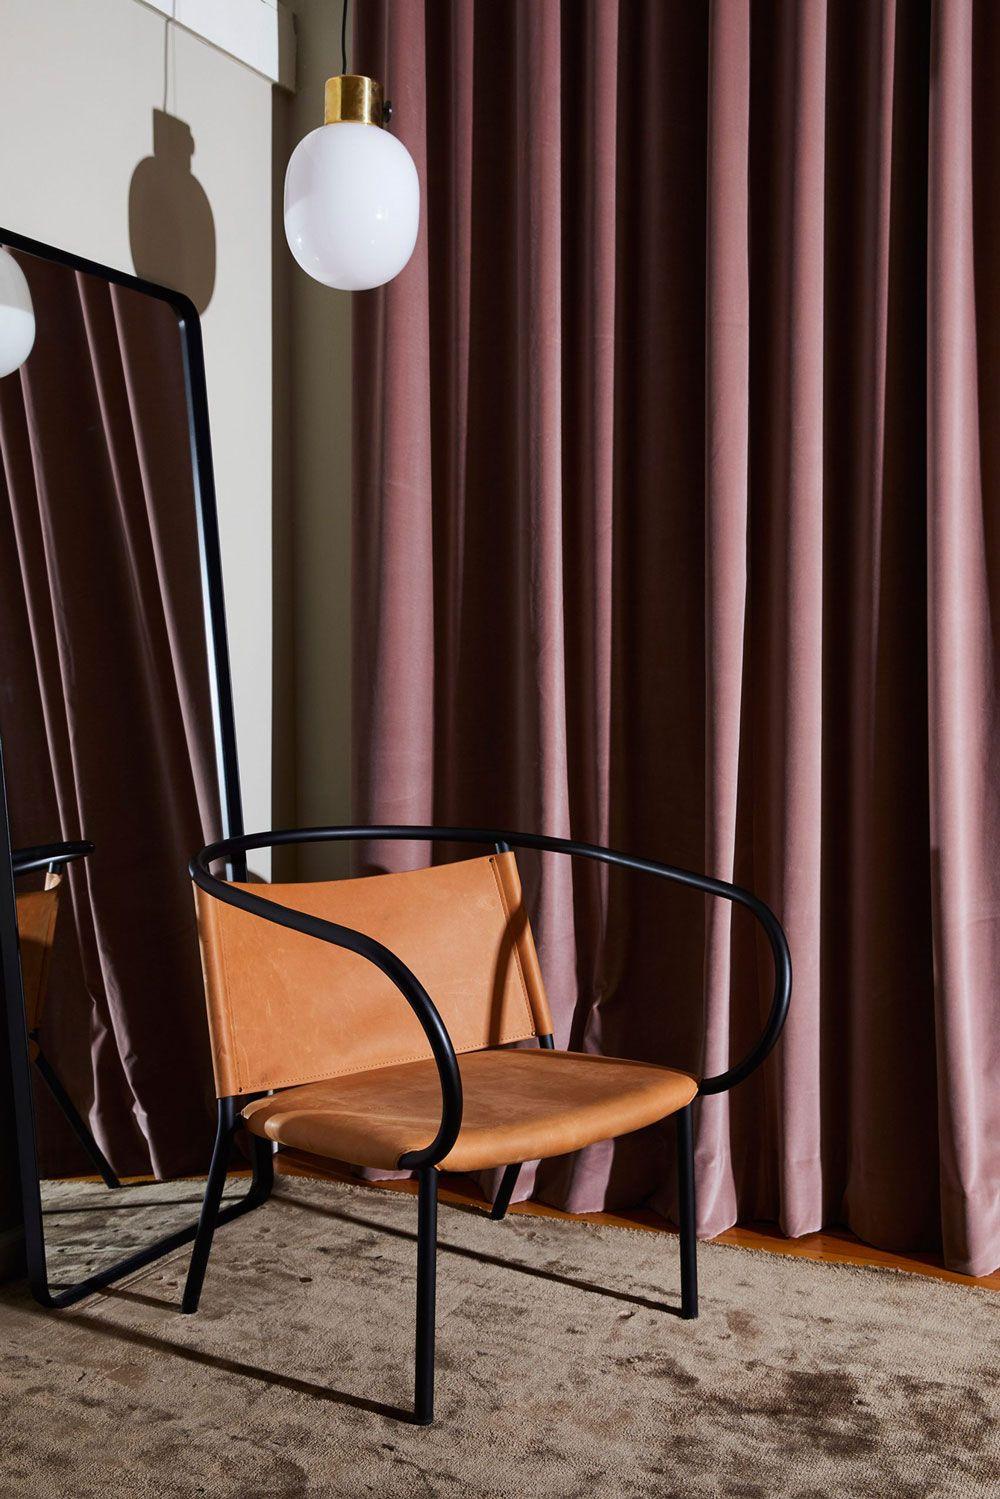 Danish Brand Menu Opens Showroom In New York City